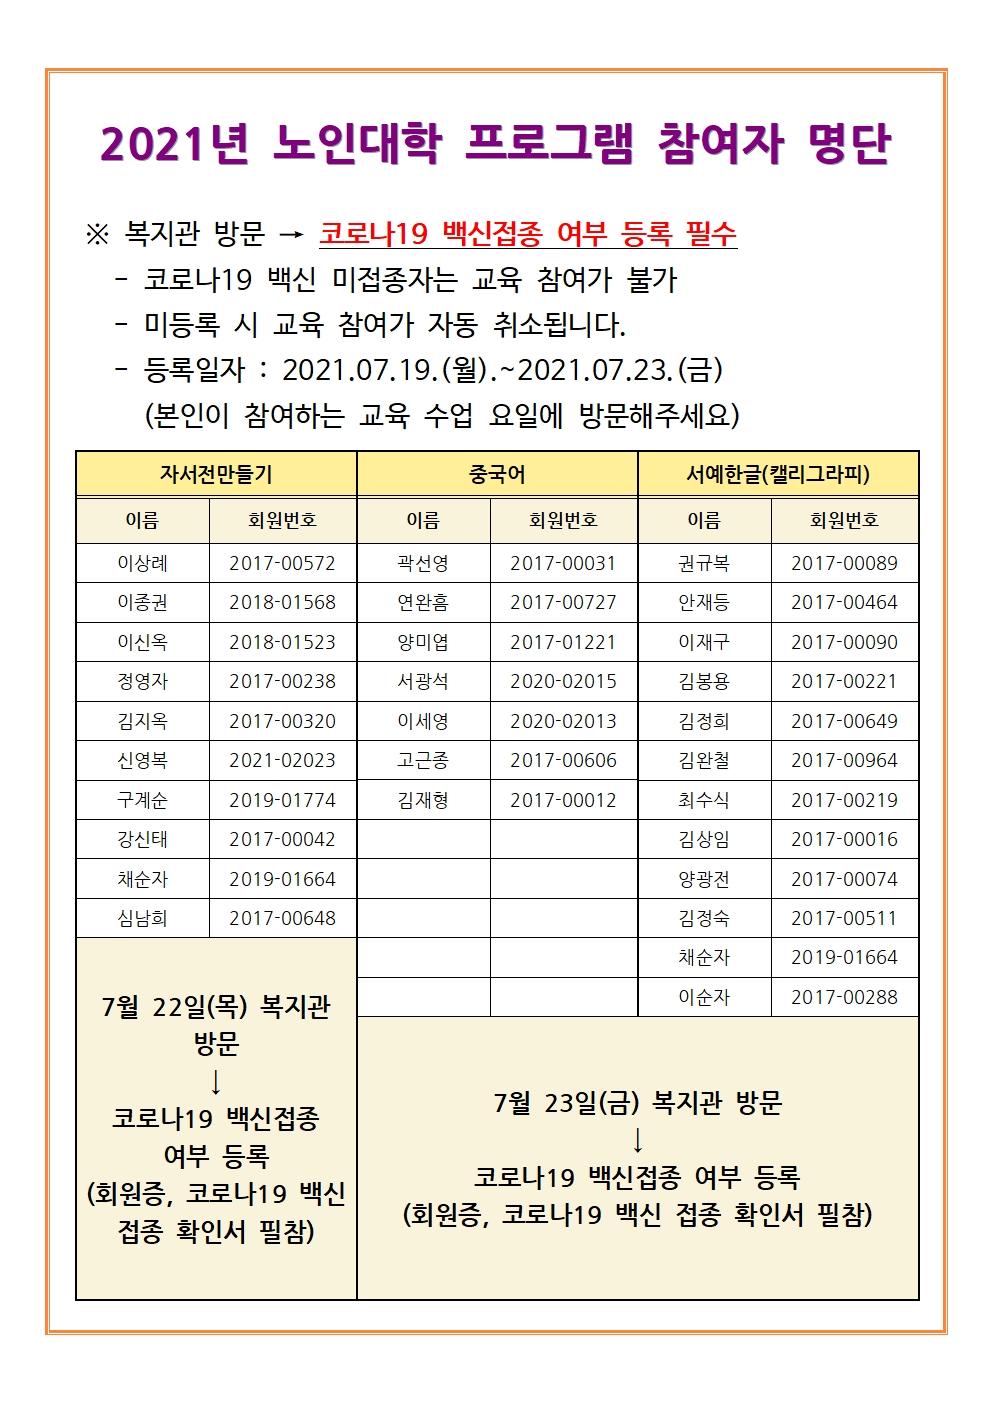 2021년 노인대학 프로그램 참여자 명단(최종 공지)005.jpg